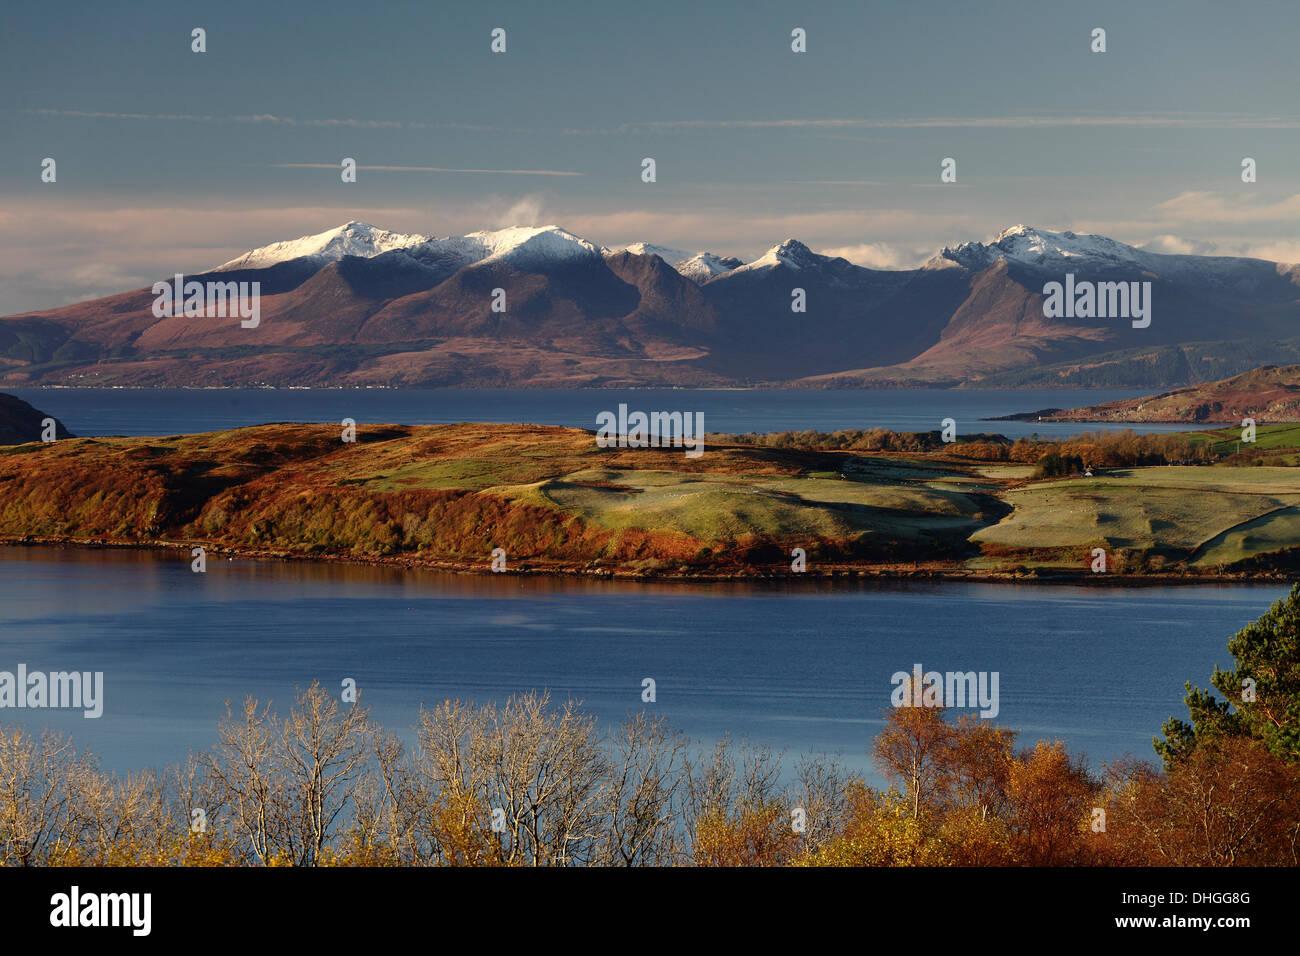 Haylie Brae, North Ayrshire, Schottland, Großbritannien, Sonntag, 10. November 2013. Frühmorgens Herbstsonne über den schneebedeckten Bergen auf der Insel Arran am Firth of Clyde mit der Insel Great Cumbrae im Vordergrund. Stockfoto